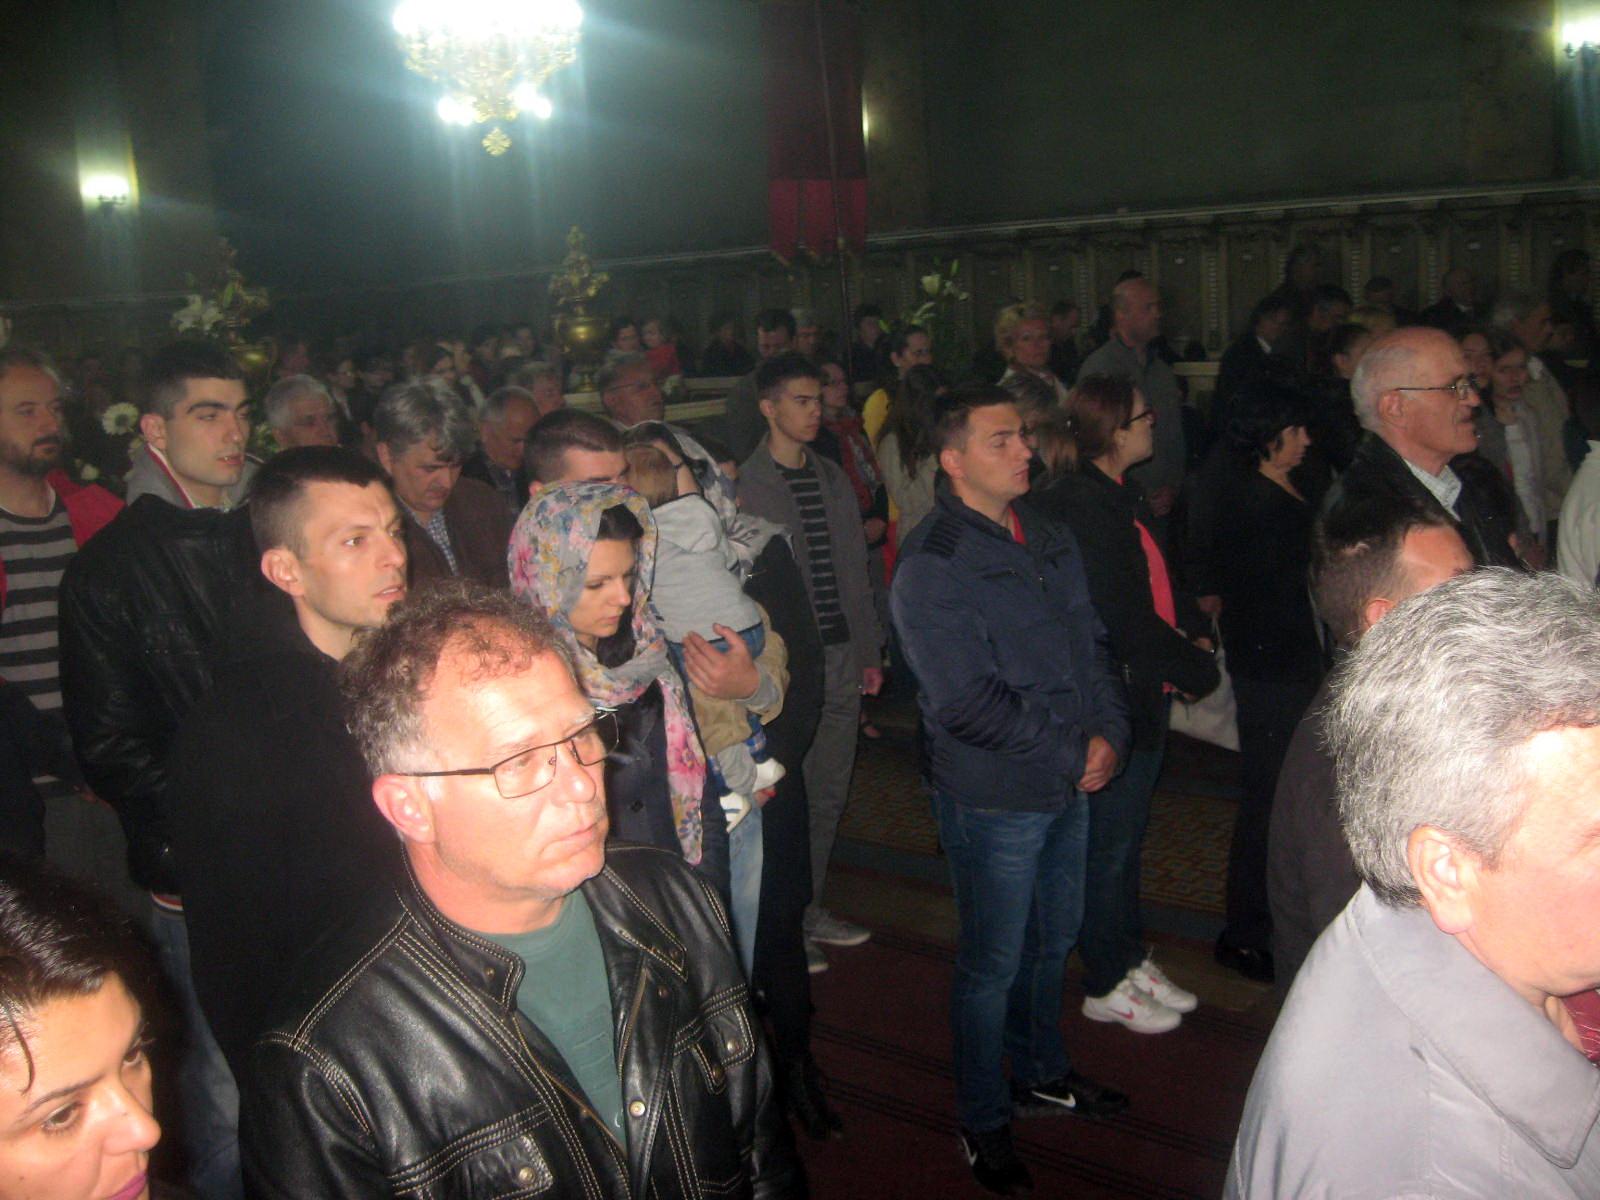 Crkva popunjena pravoslavnim vernicima | Foto: Vlastimir Jankov